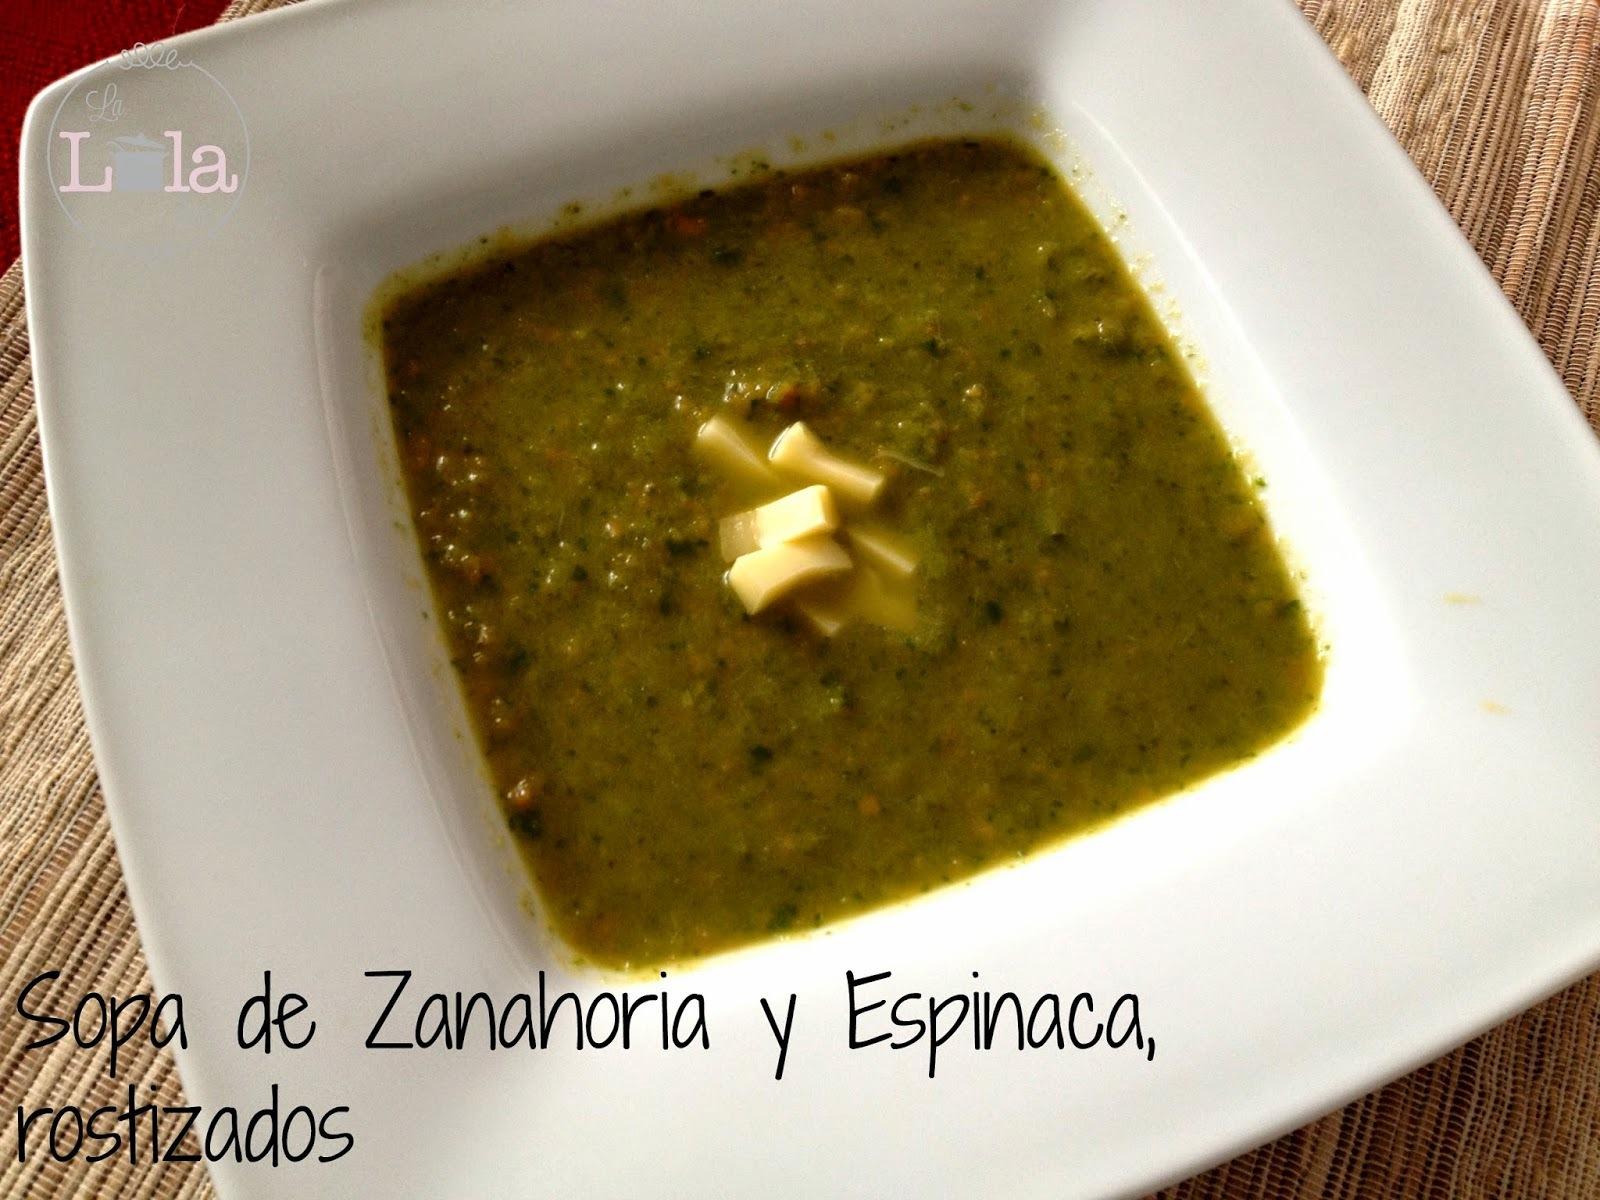 Sopa de Zanahoria y Espinaca, rostizados